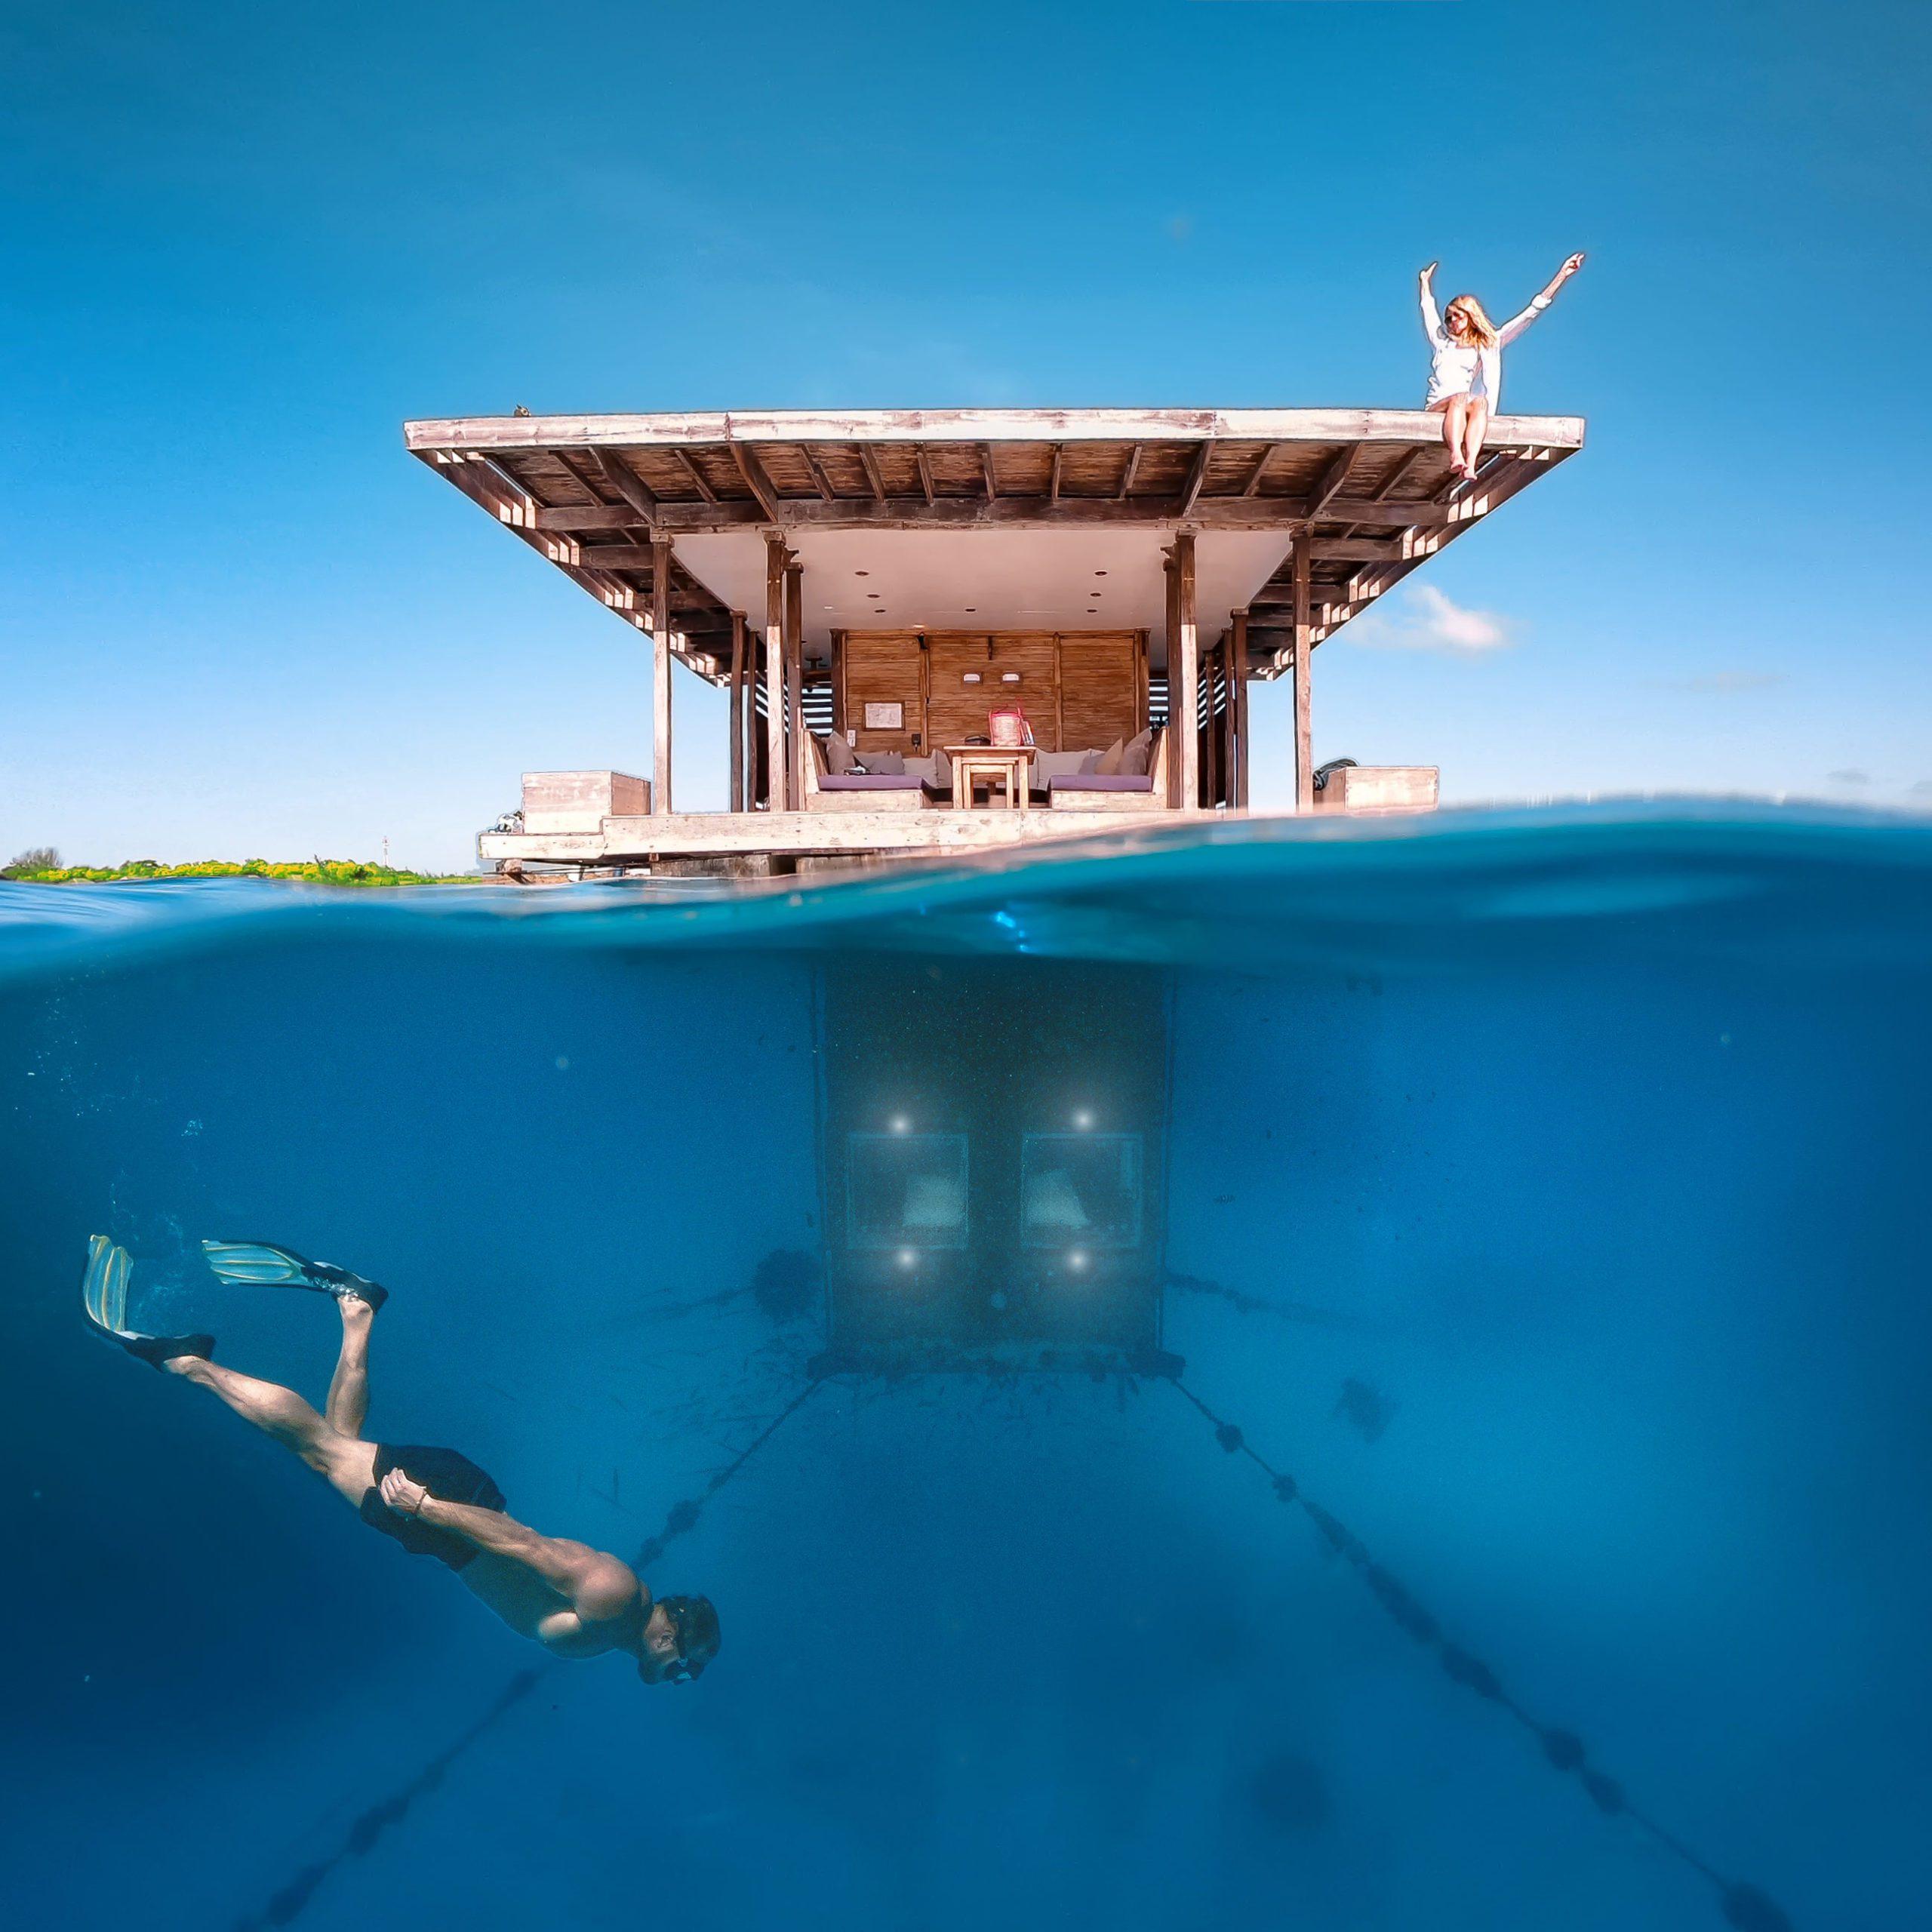 snorkeler seen below water near Manta Resort's underwater room